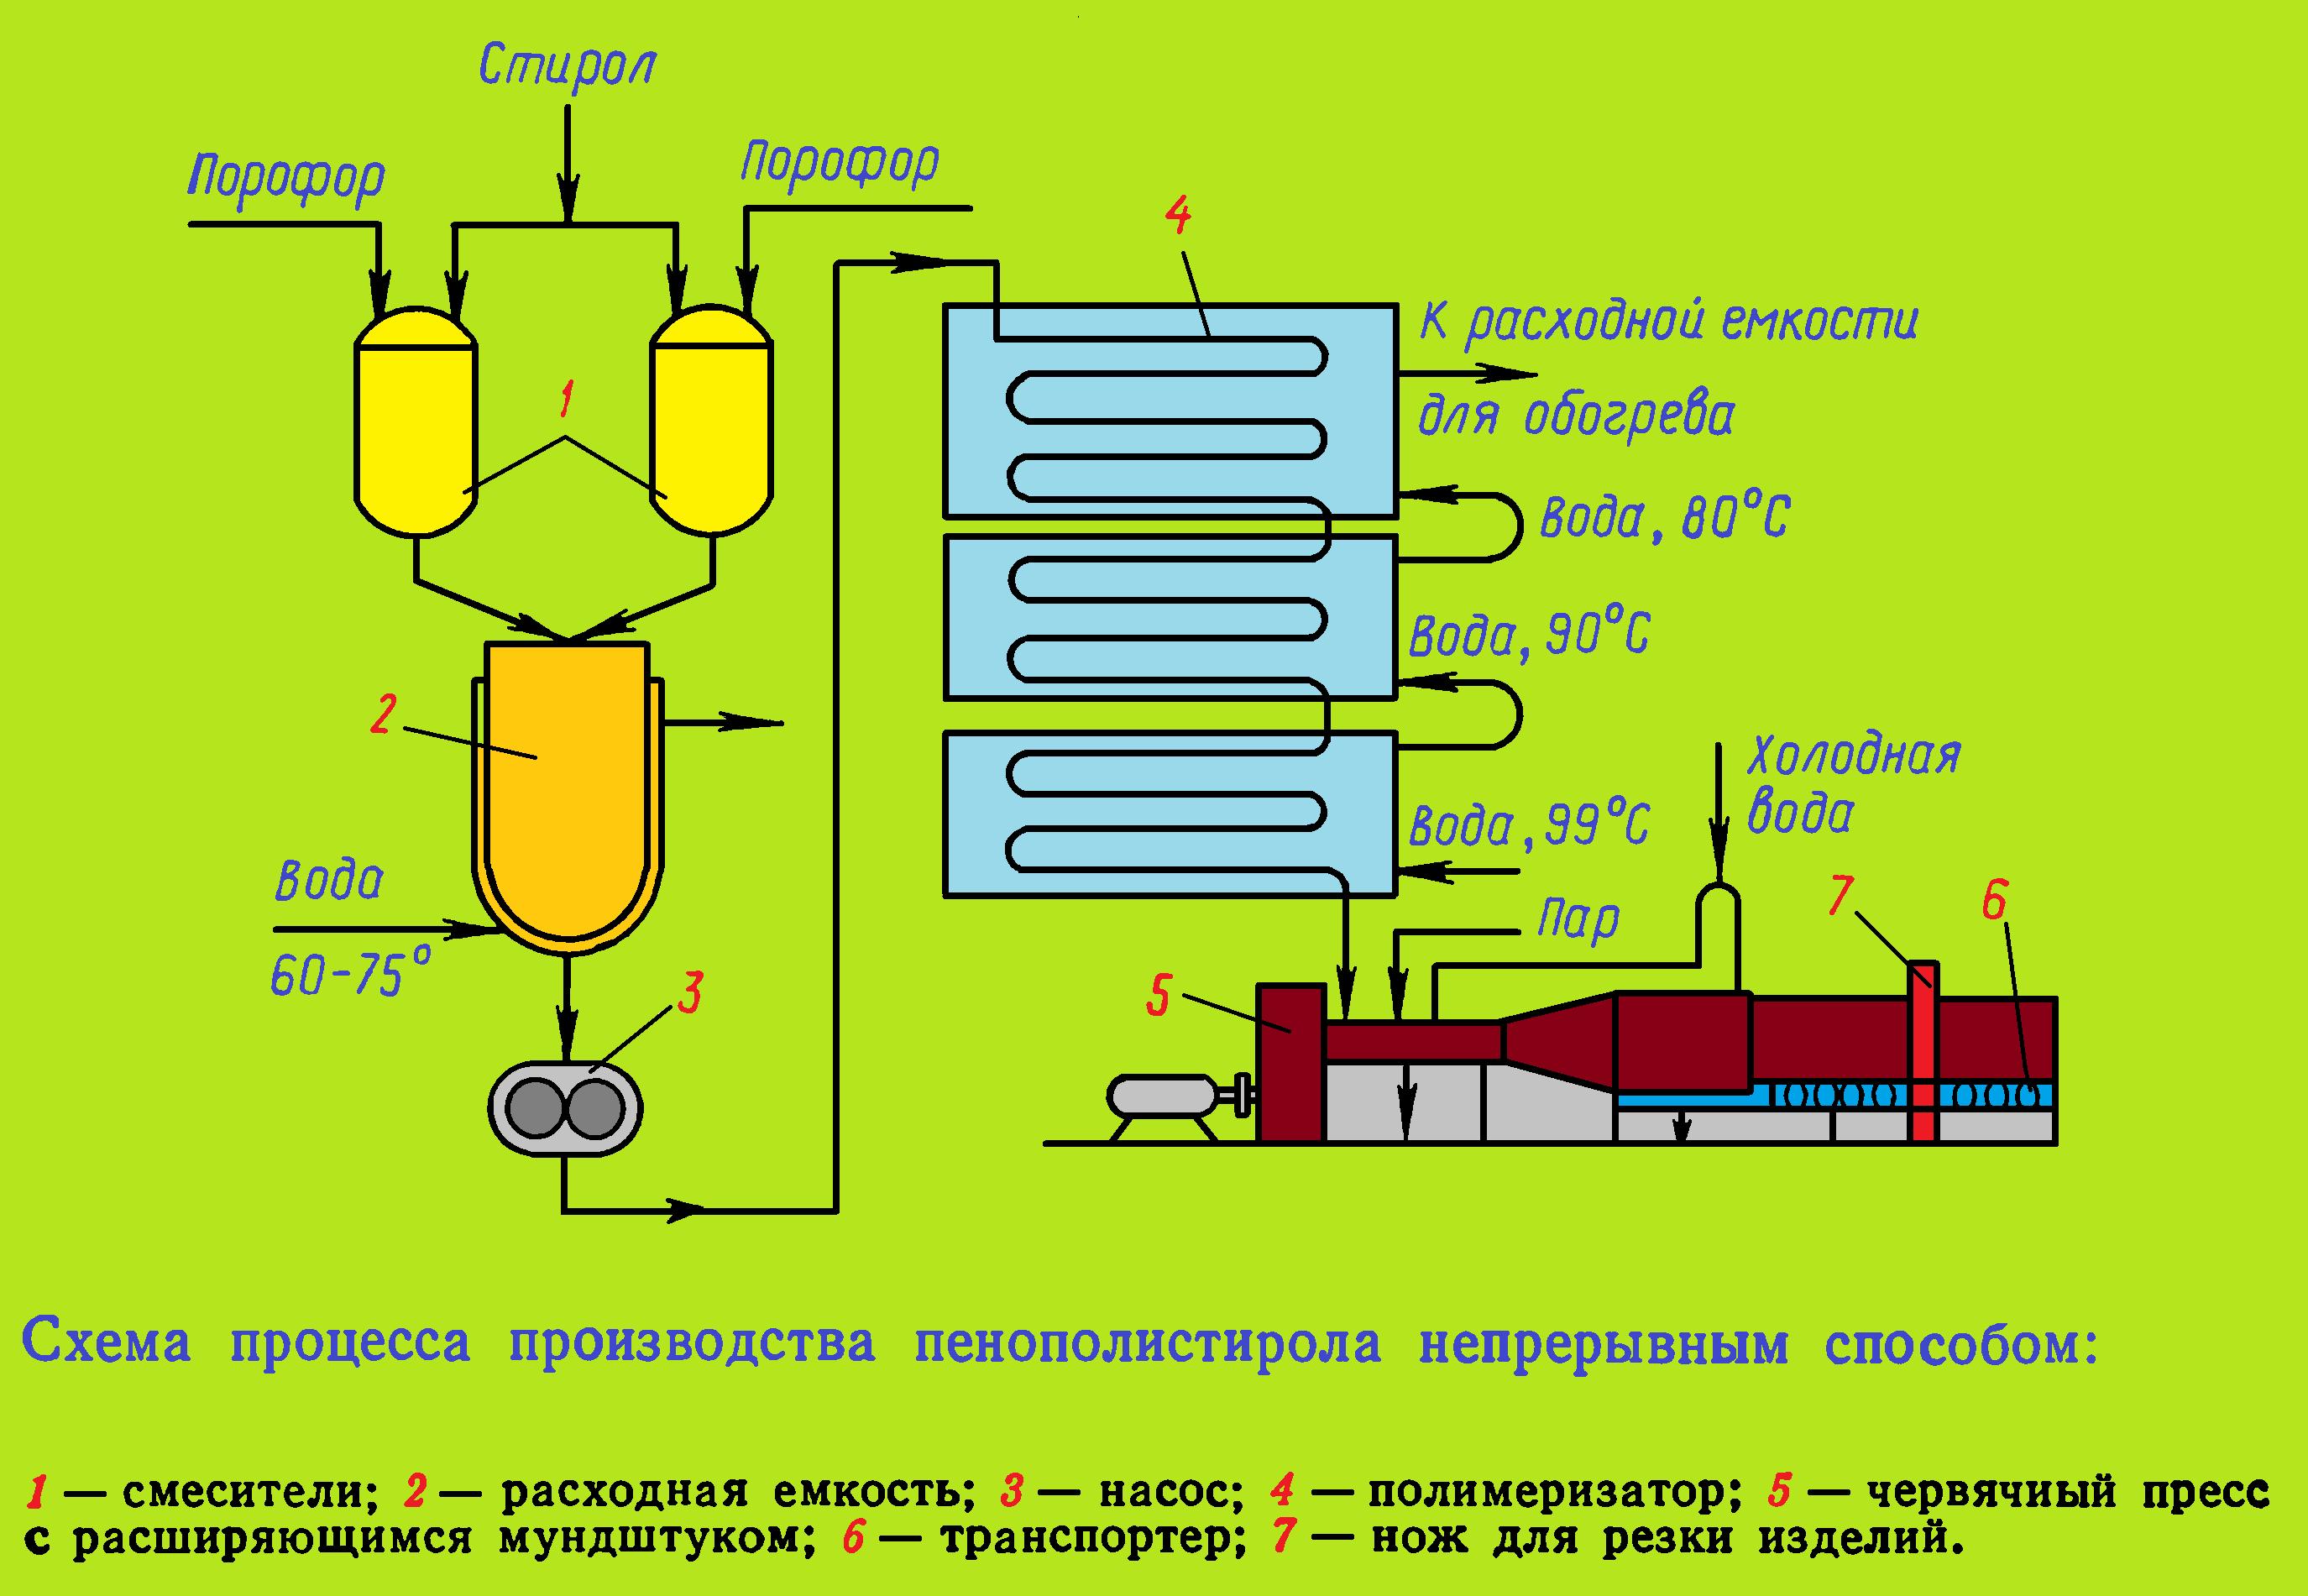 Технологическая схема пэнд